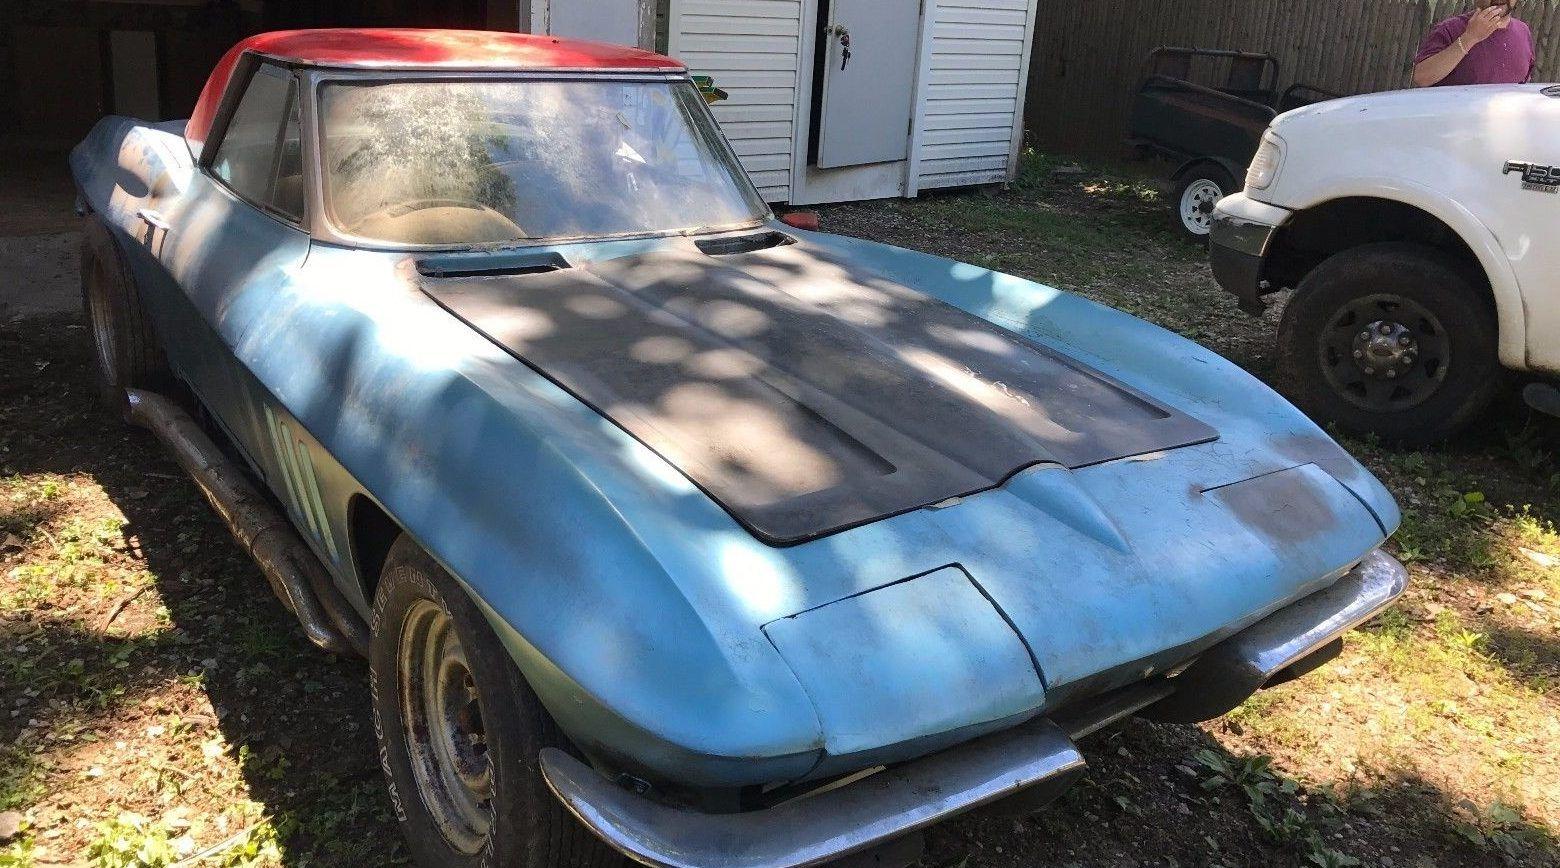 Rot Free Frame Barn Find 1965 Corvette 1965 Corvette Barn Finds Corvette